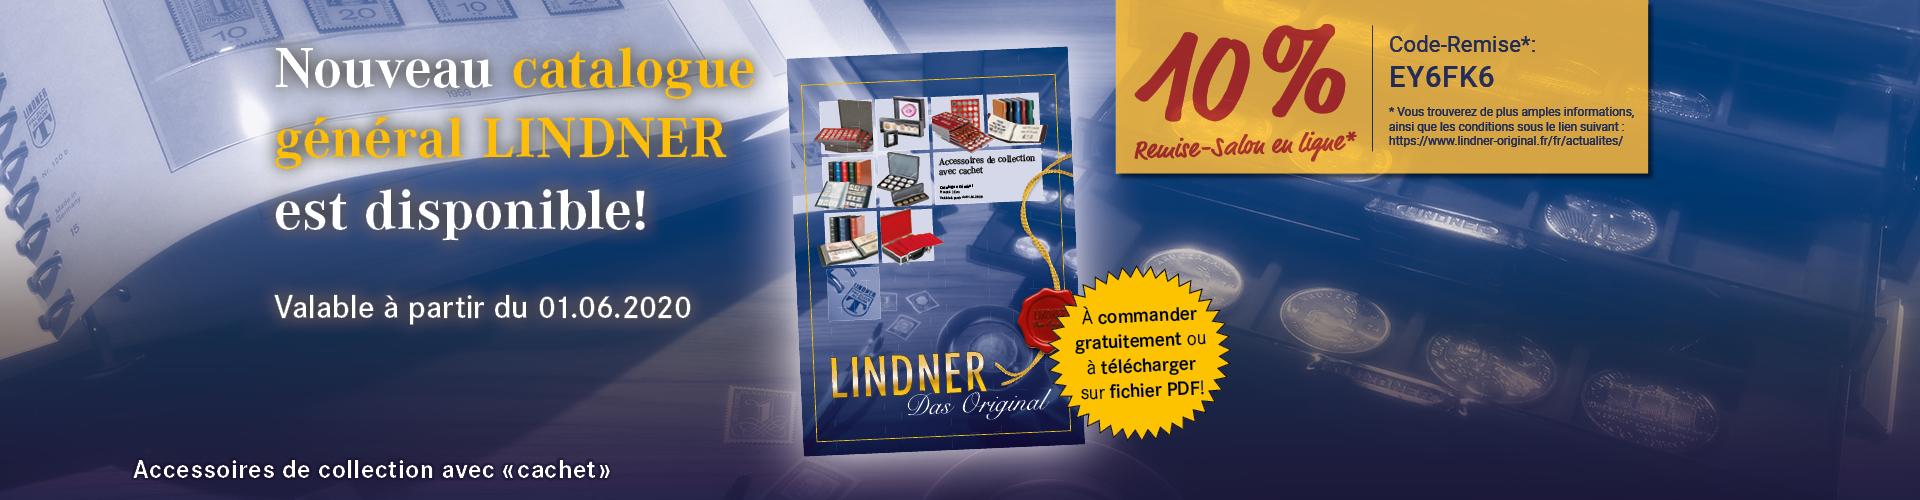 Catalogue Général LINDNER et Remise-Salon en ligne